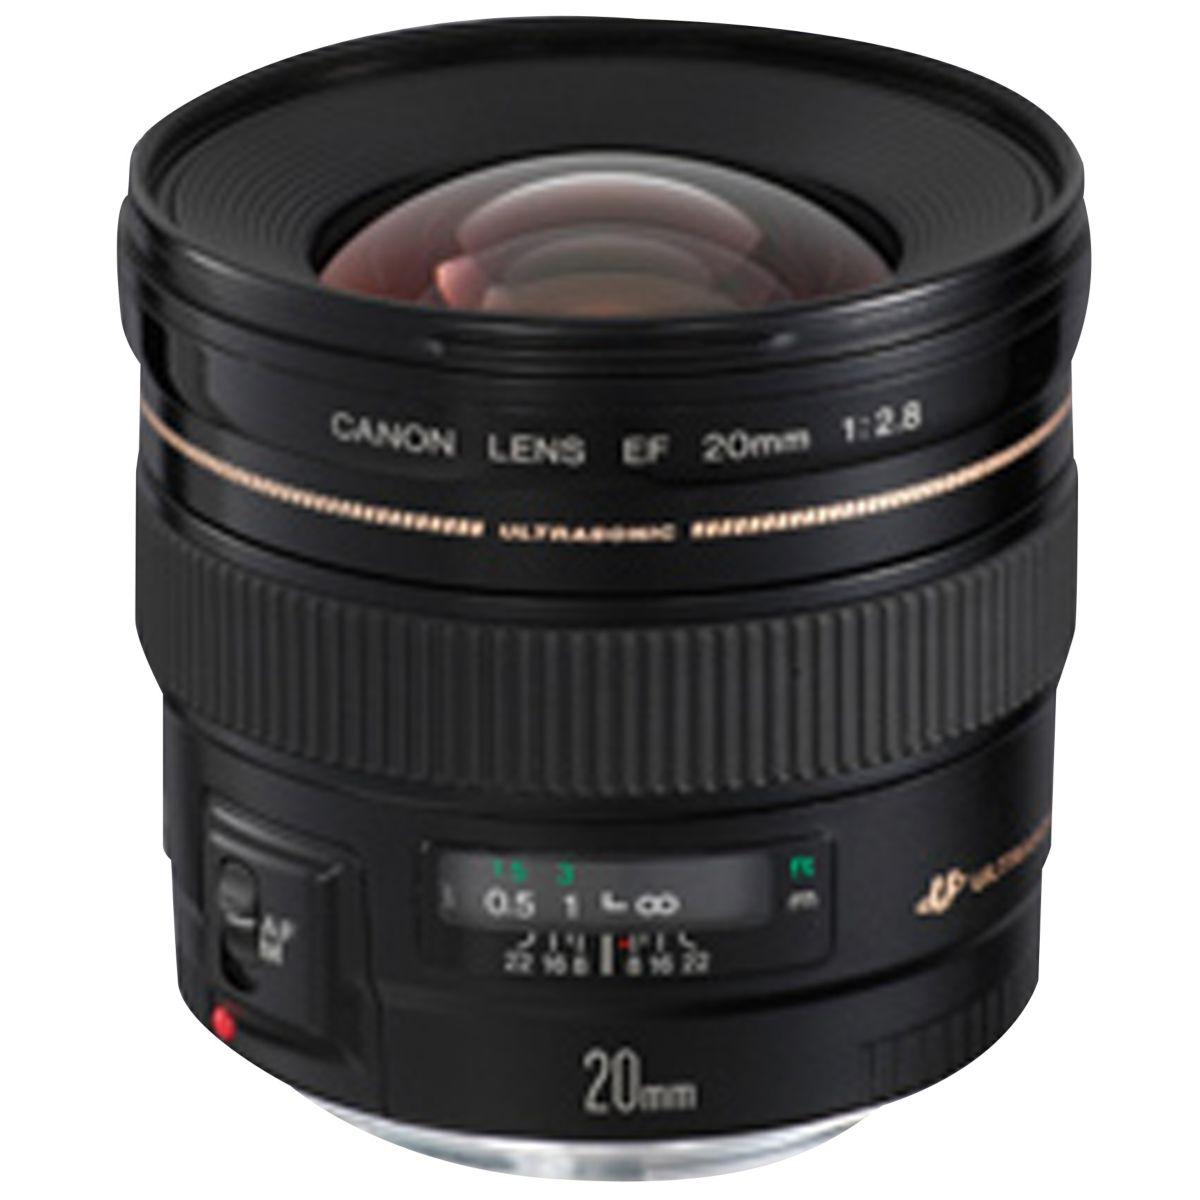 Objectif pour Reflex CANON EF 20mm f/2.8 USM